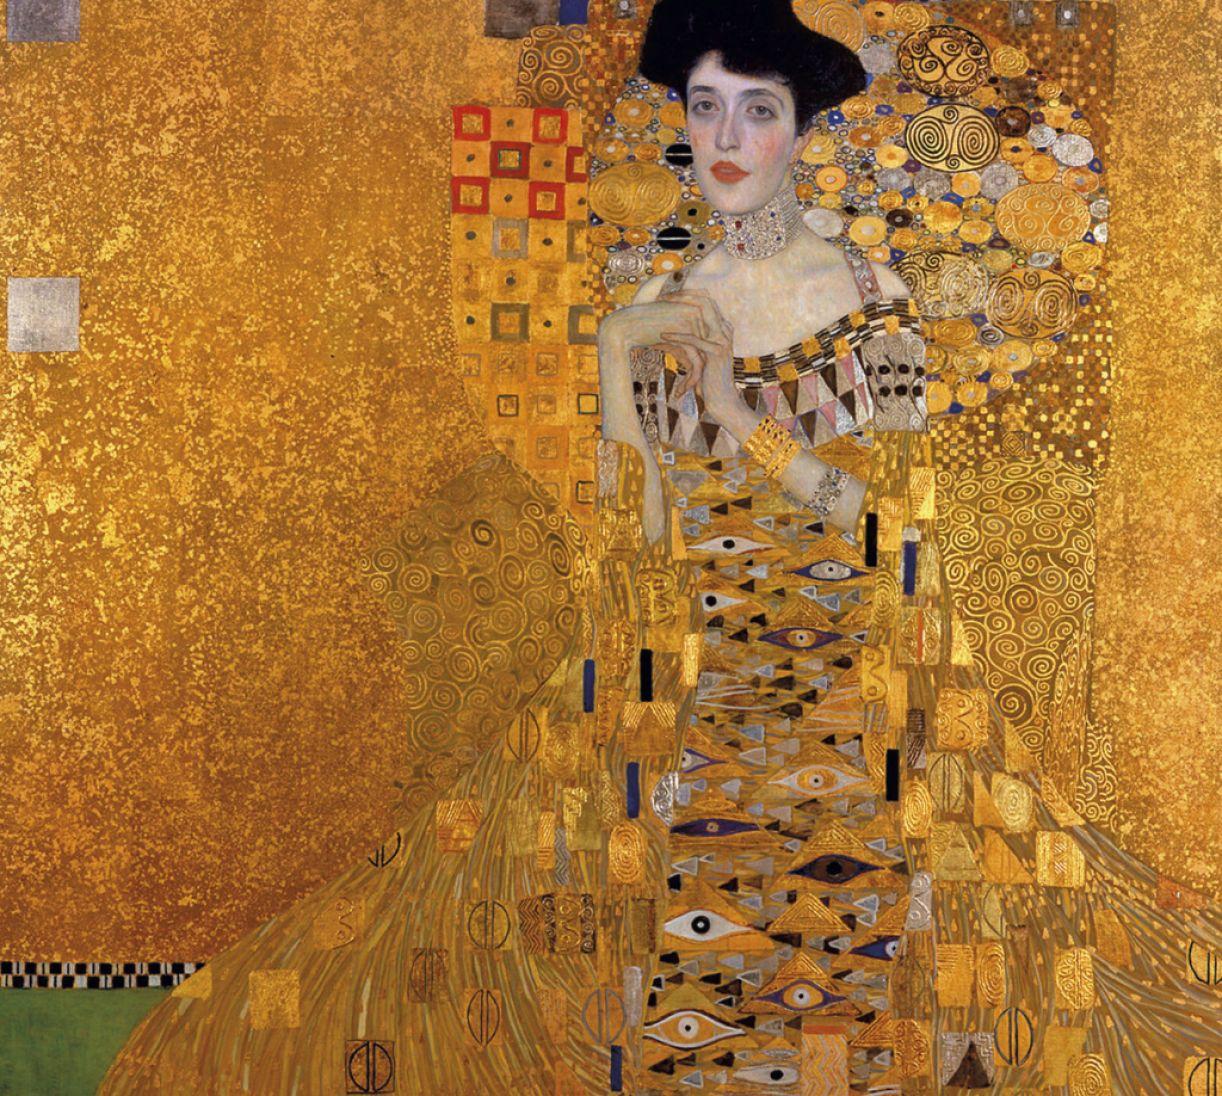 A obra 'Retrato de Adele Bloch-Bauer I, de Klimt, foi confiscada pelos nazistas e recuperada posteriormente